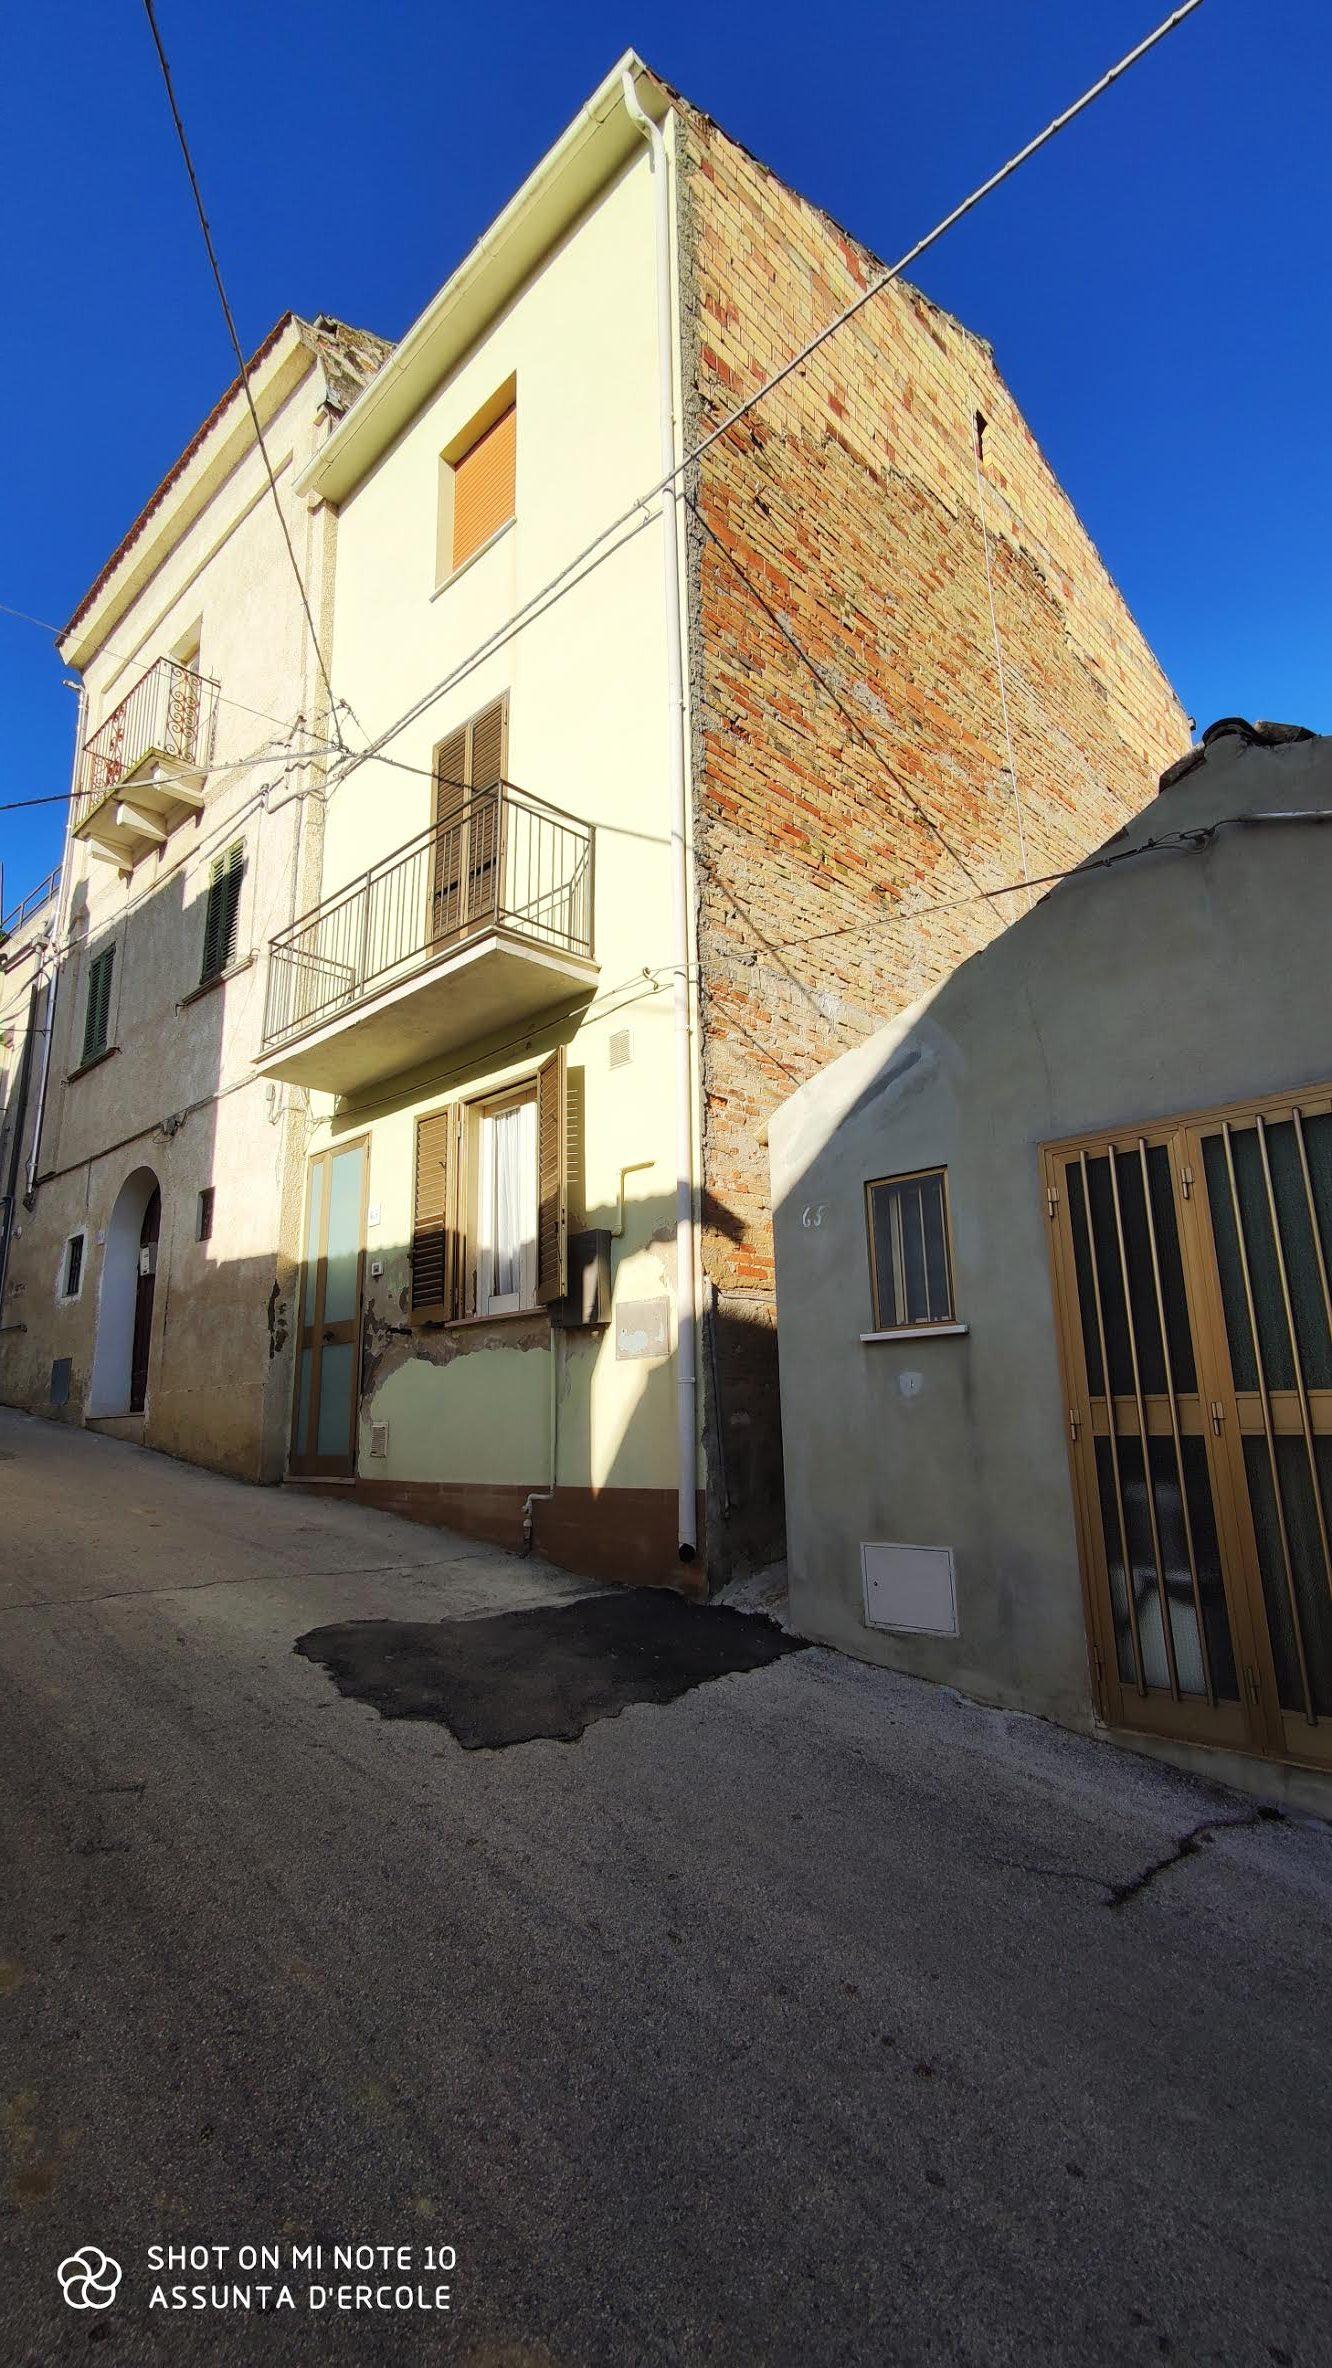 rif 1218 Scerni (CH) Abitazione con vista panoramica – € 60000